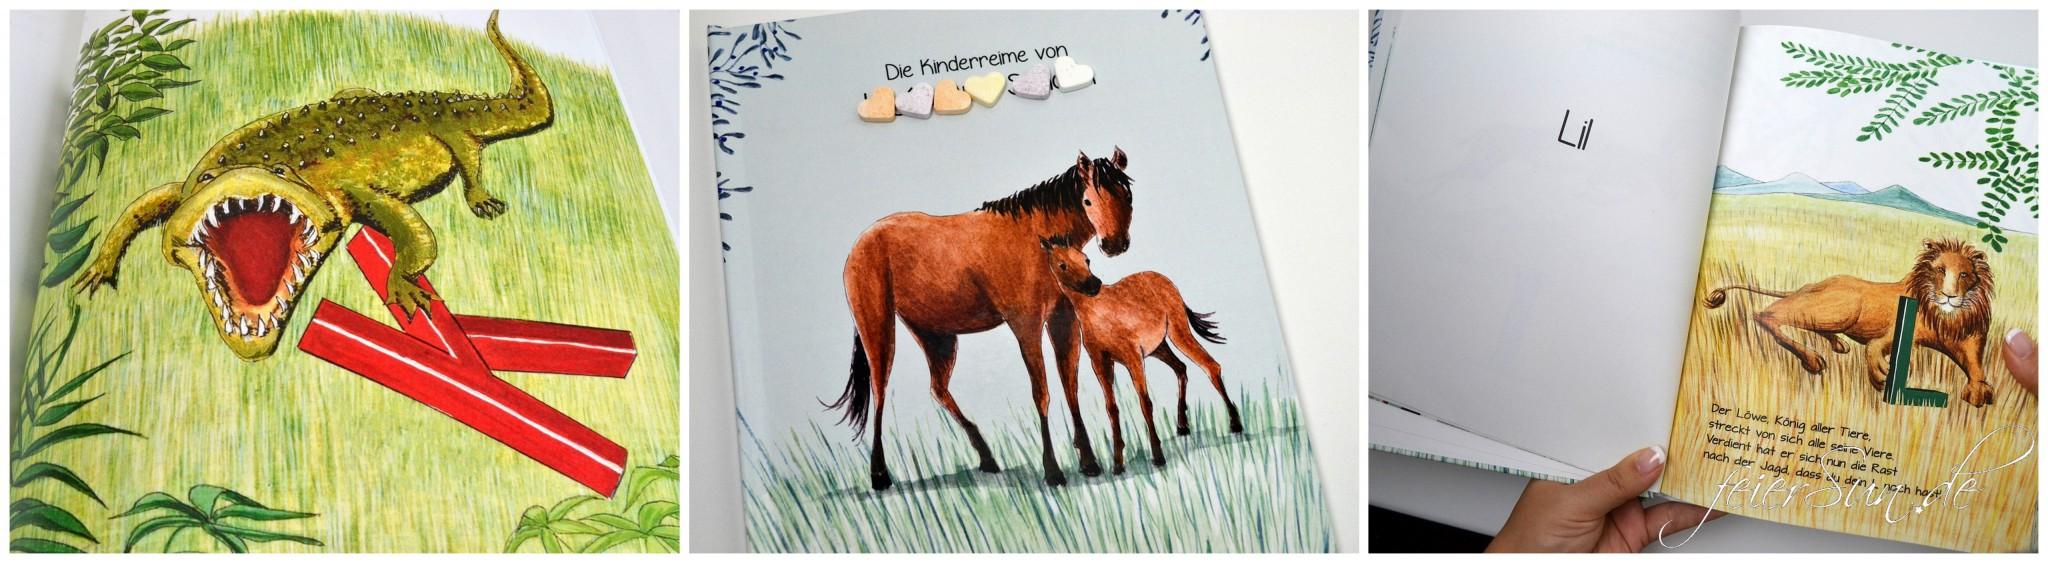 Personalisierte Kinderreime Blick ins Buch